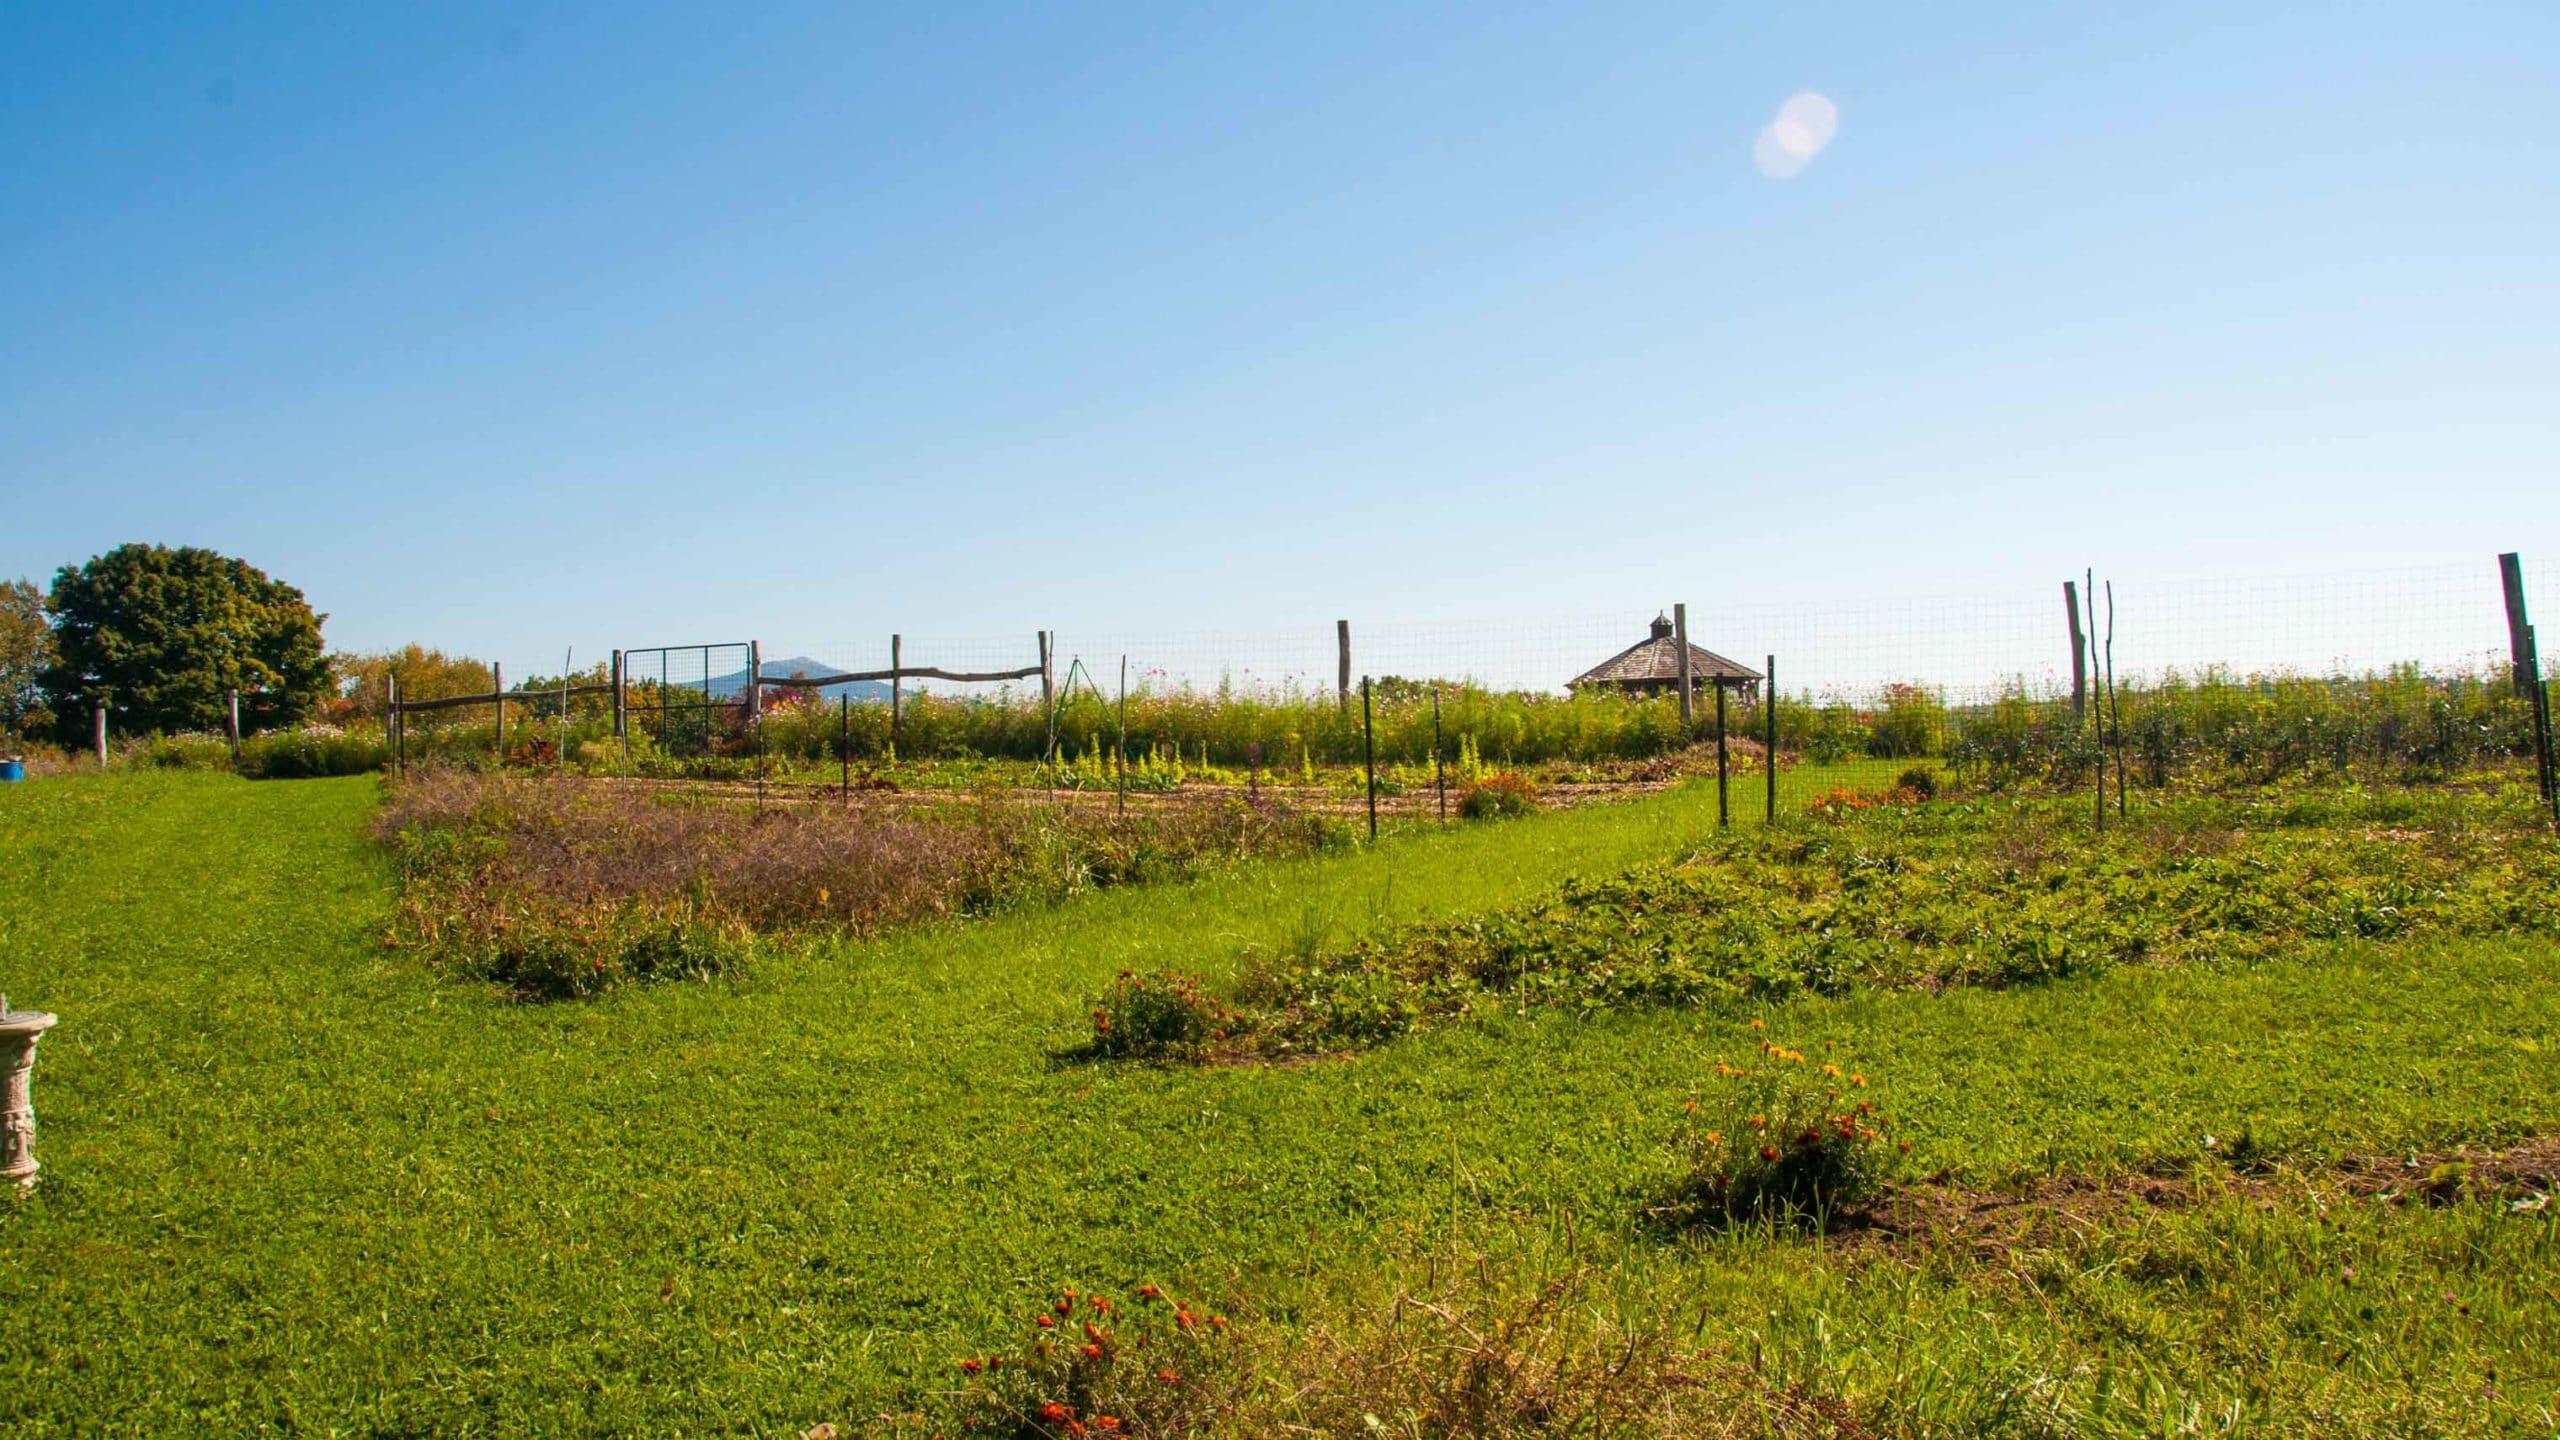 A view of the camp glen brook garden.